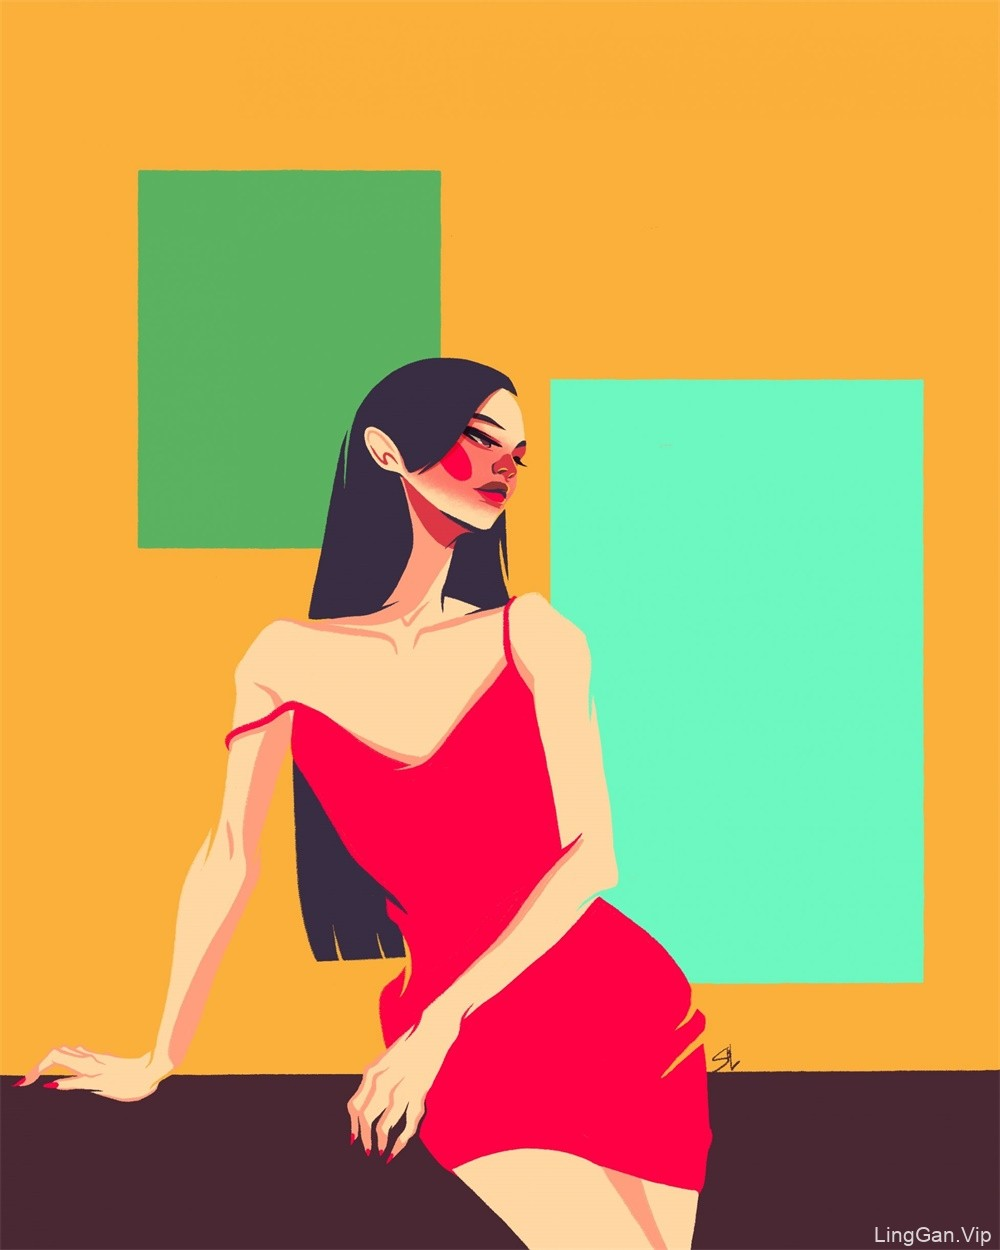 【插画设计】配色大胆的女性人物角色插画作品